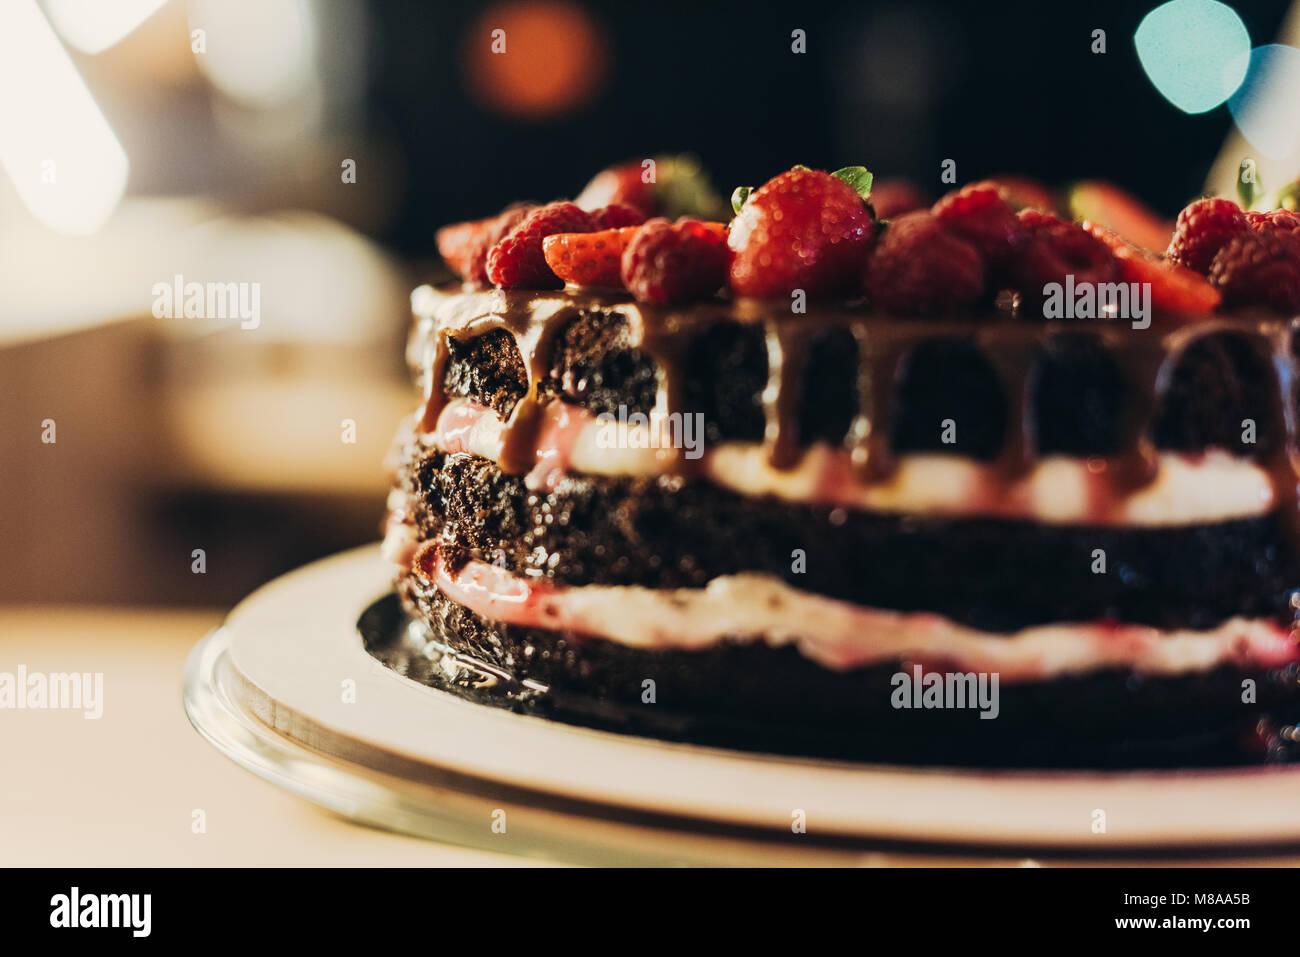 Schokoladenkuchen mit Sahne und Früchten Stockbild